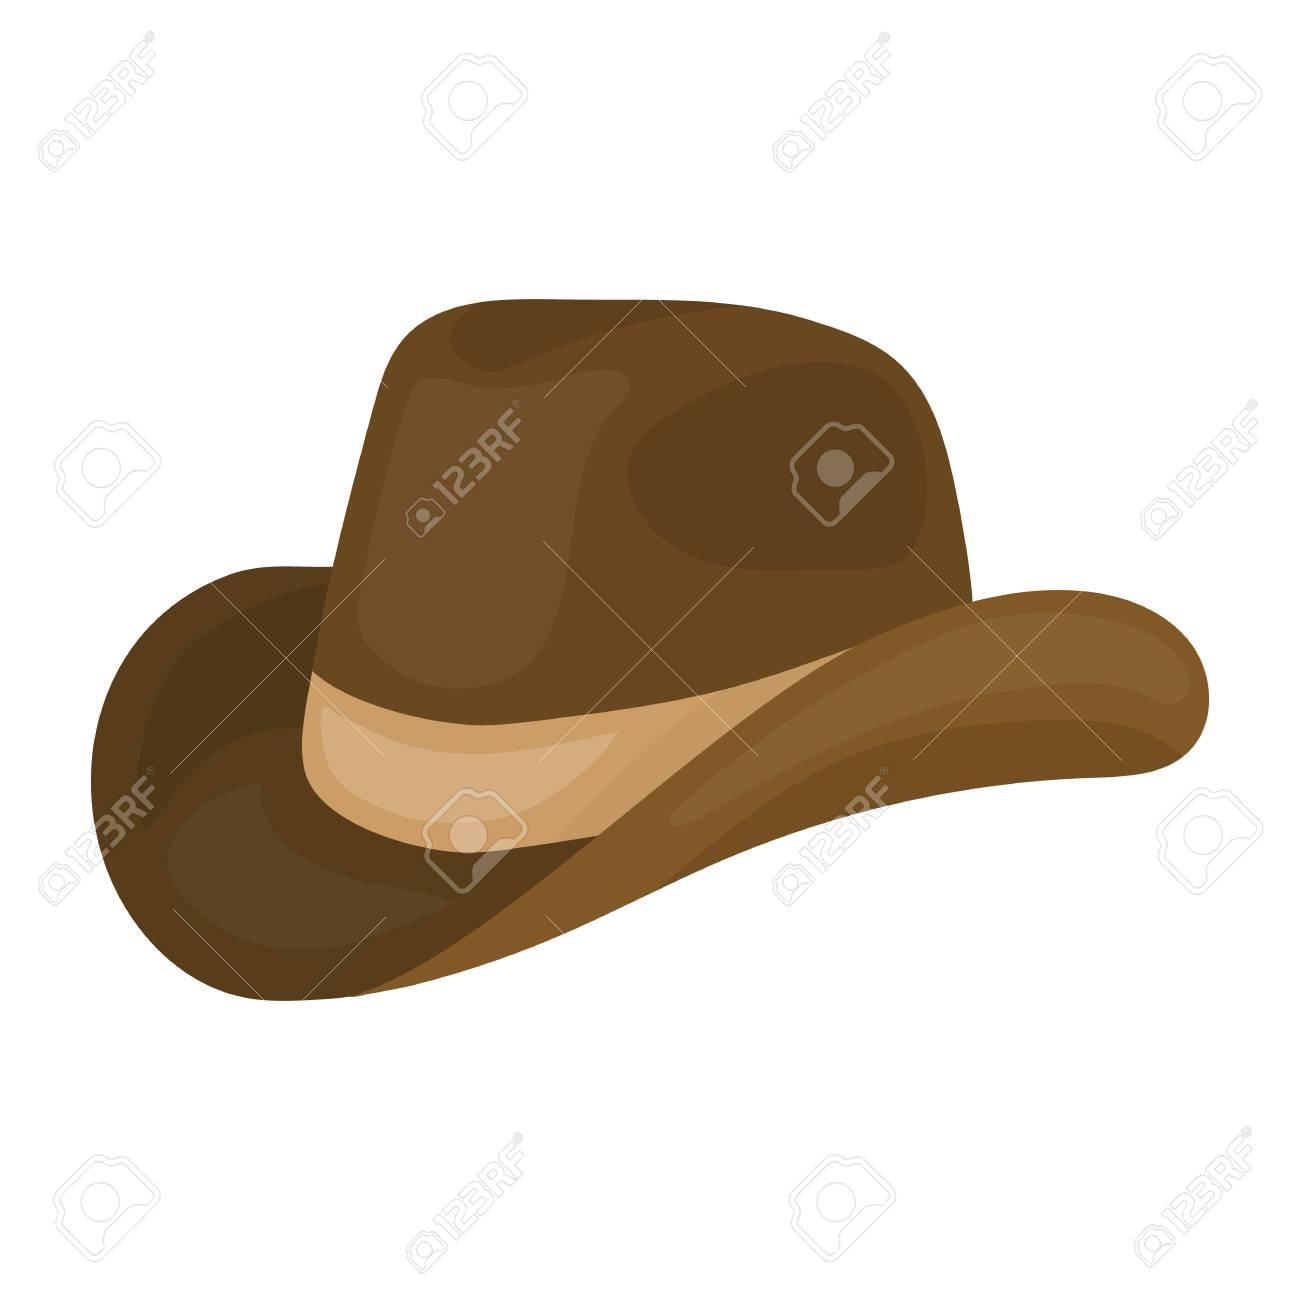 Foto de archivo - Icono de sombrero vaquero en estilo de dibujos animados  aislado en el fondo blanco. ilustración vectorial símbolo del día del  patriota. 3cfc37cd68b